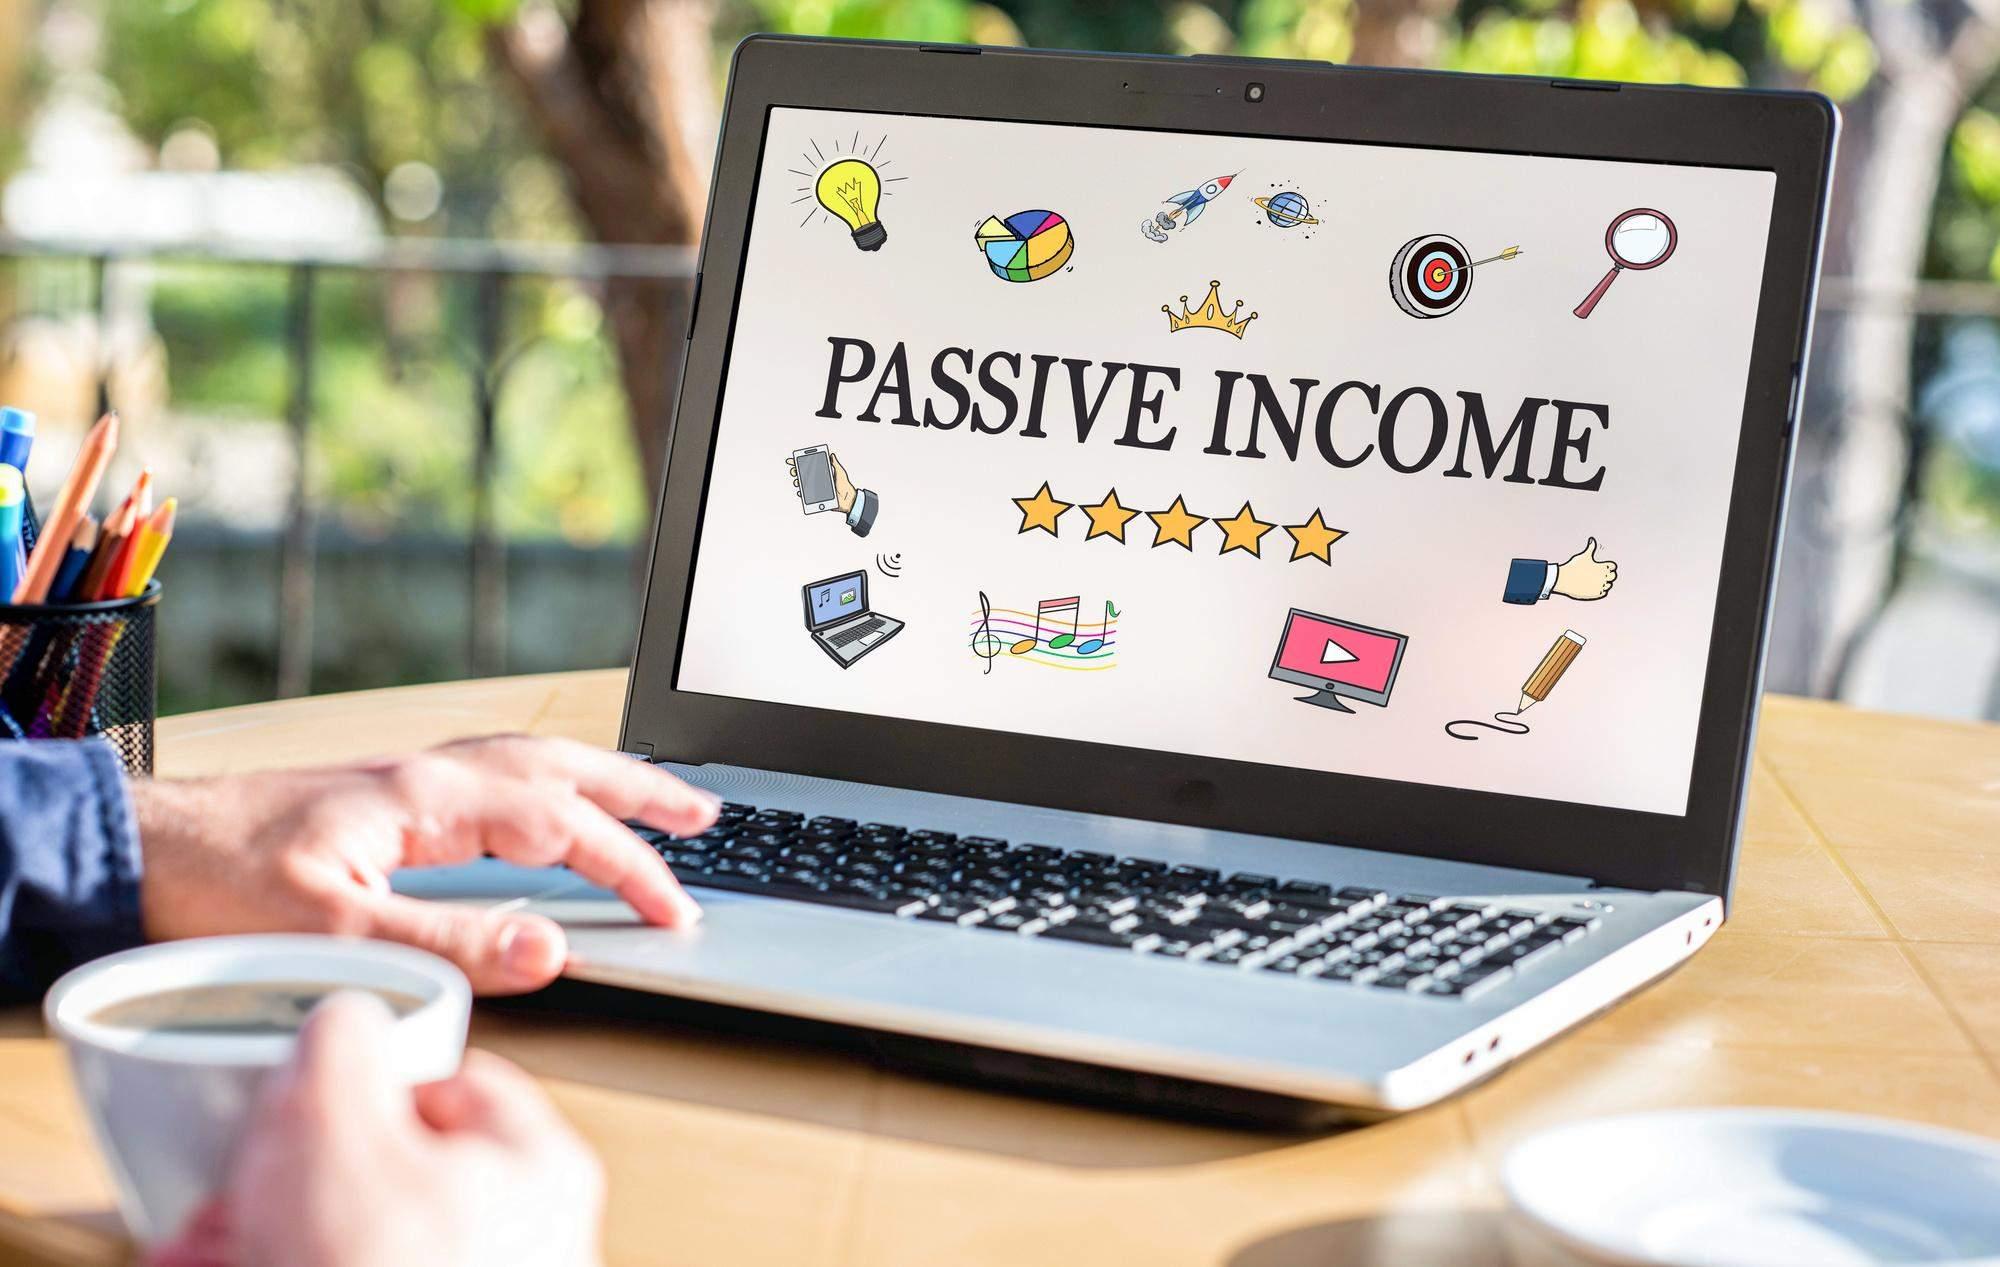 Пассивный доход дает свободу